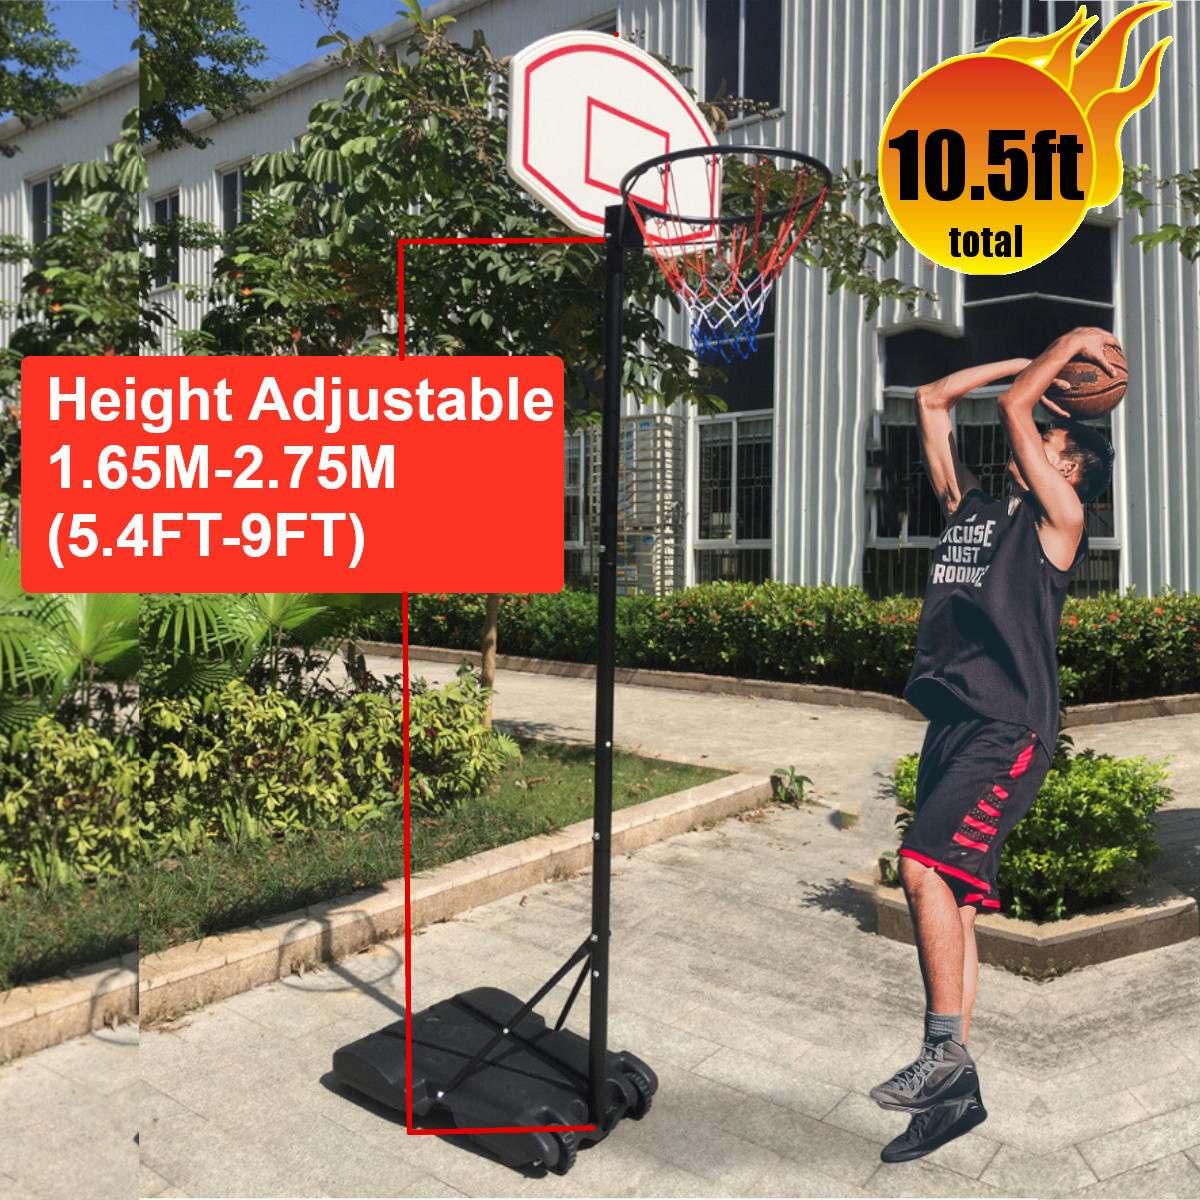 Профессиональные взрослых для детей для ношения в помещении, мобильный баскетбольный стенд обруча Спорт на открытом воздухе Регулируемая ...